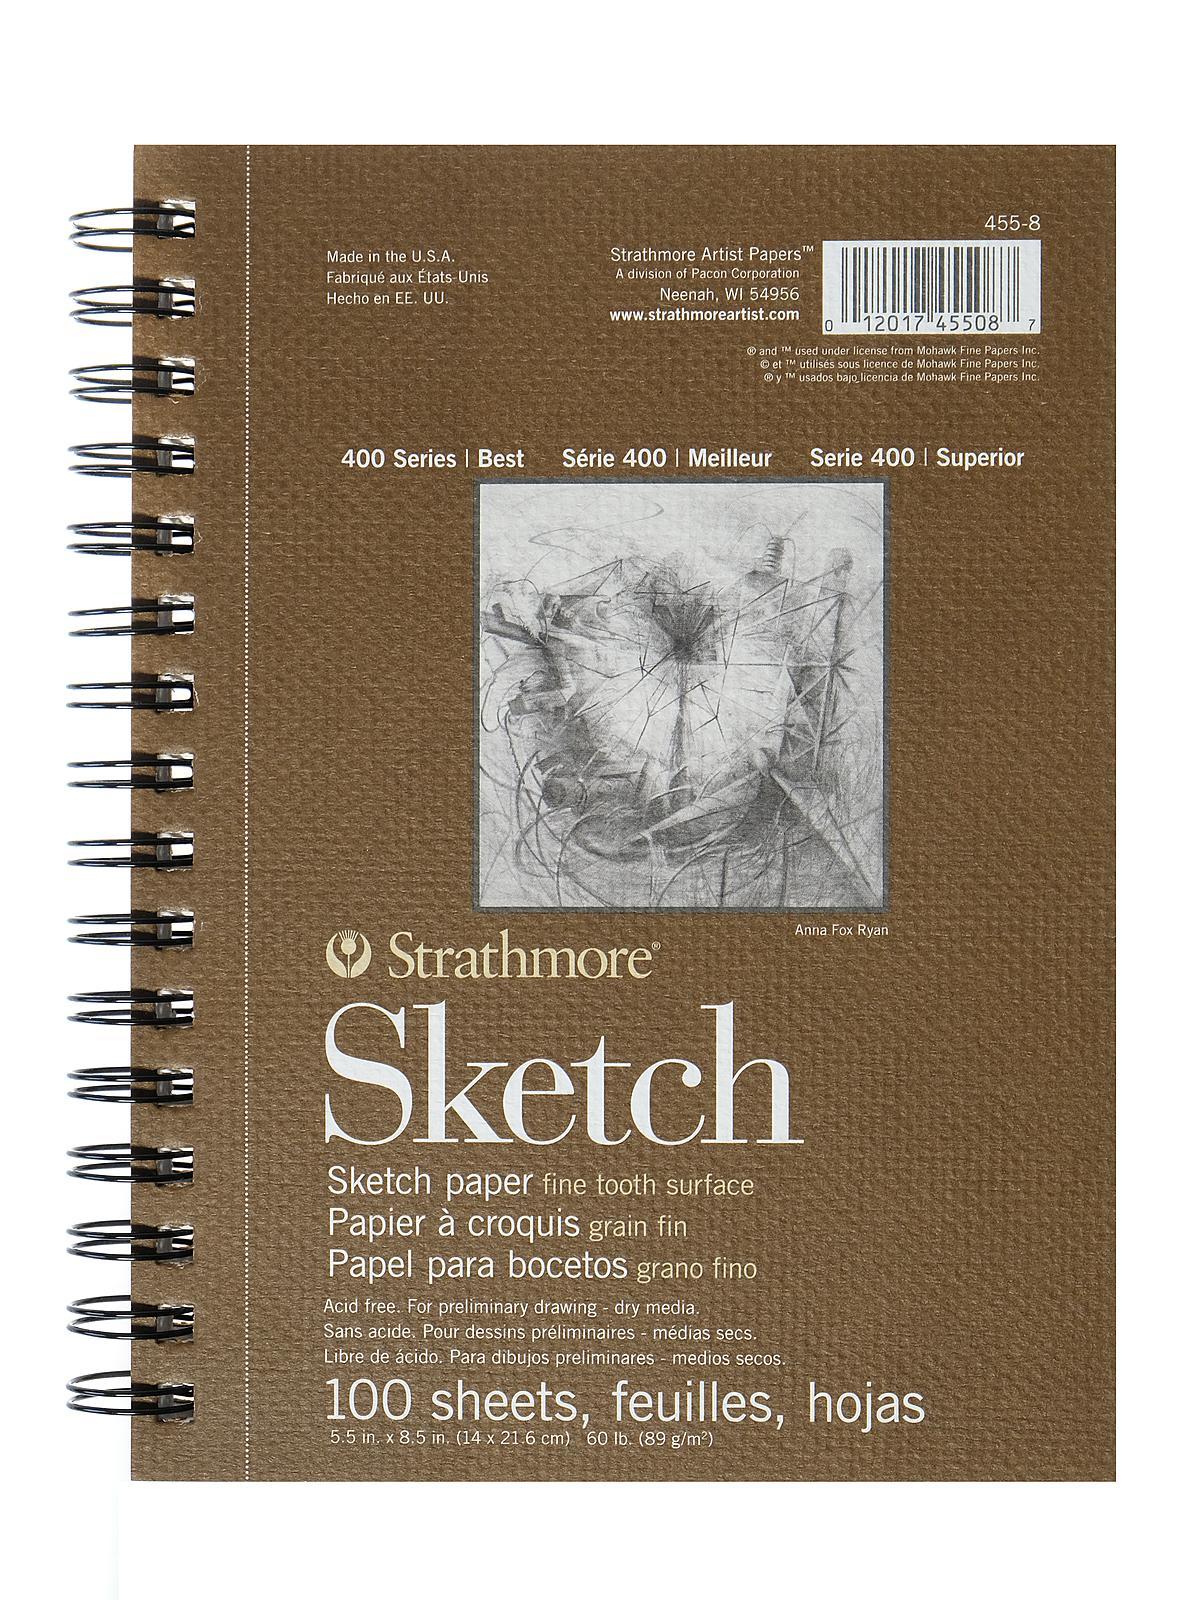 Series 400 Sketch Pads